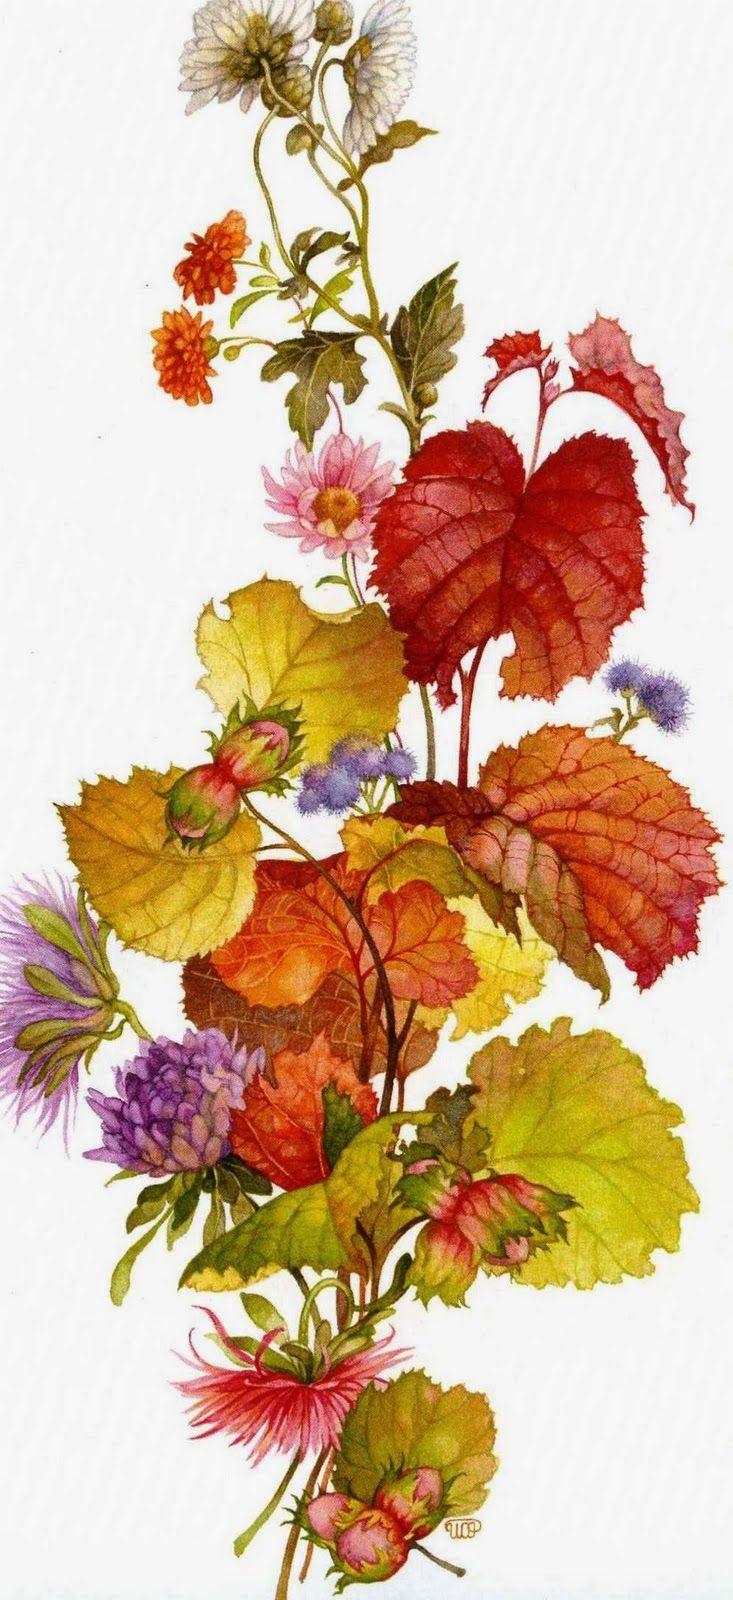 7 das Artes: Ilustrações com flores, frutas e passarinhos.